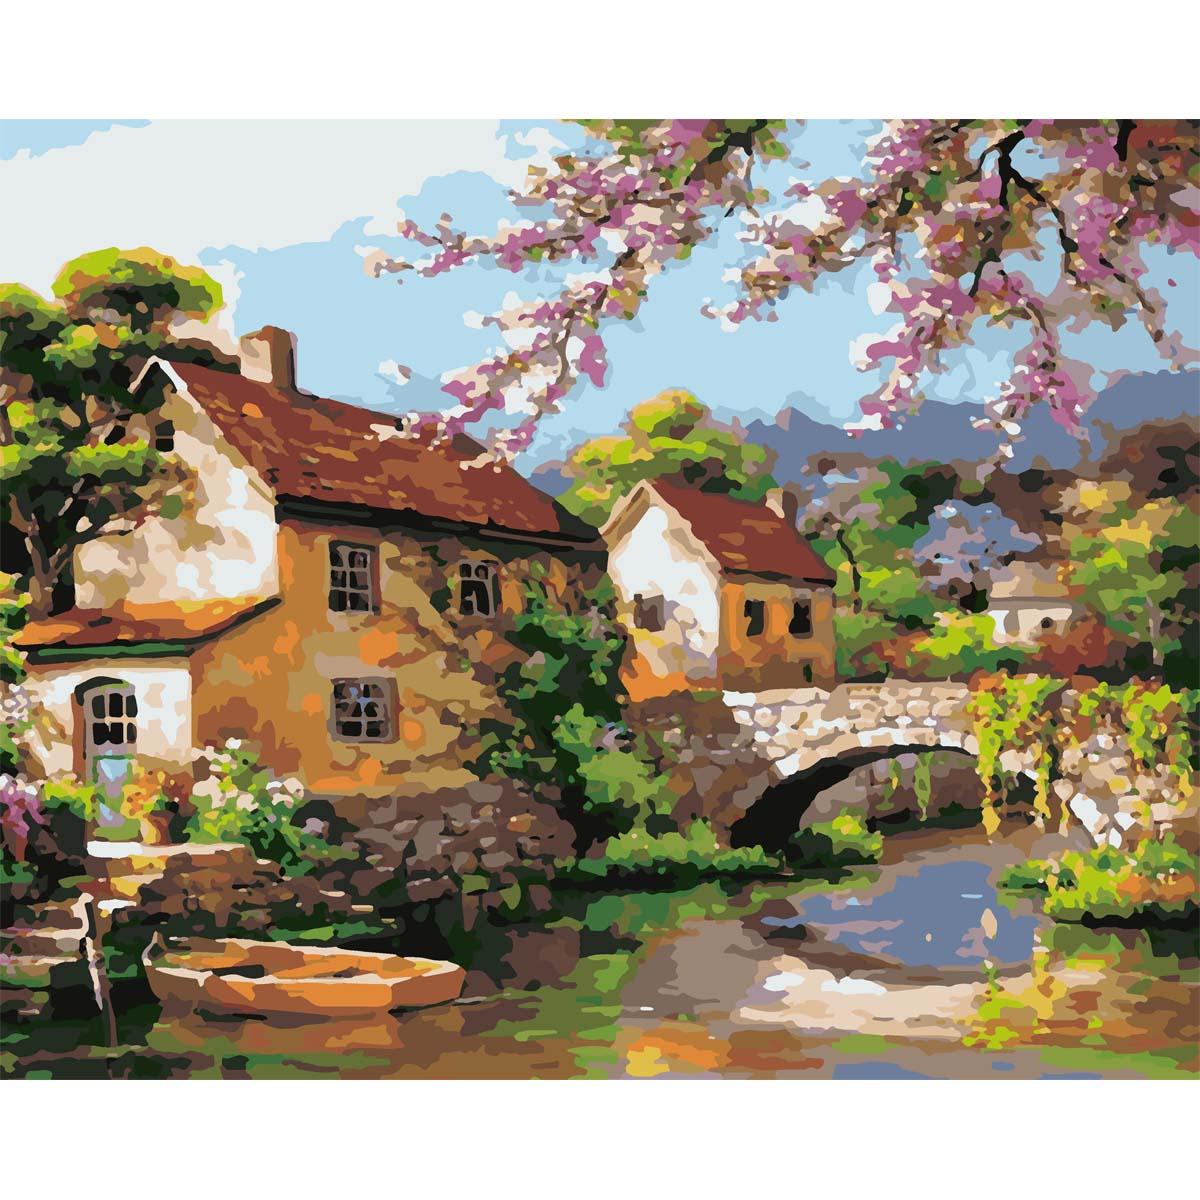 HS0096 Набор для рисования по номерам 'Цветение сакуры' 40*50см